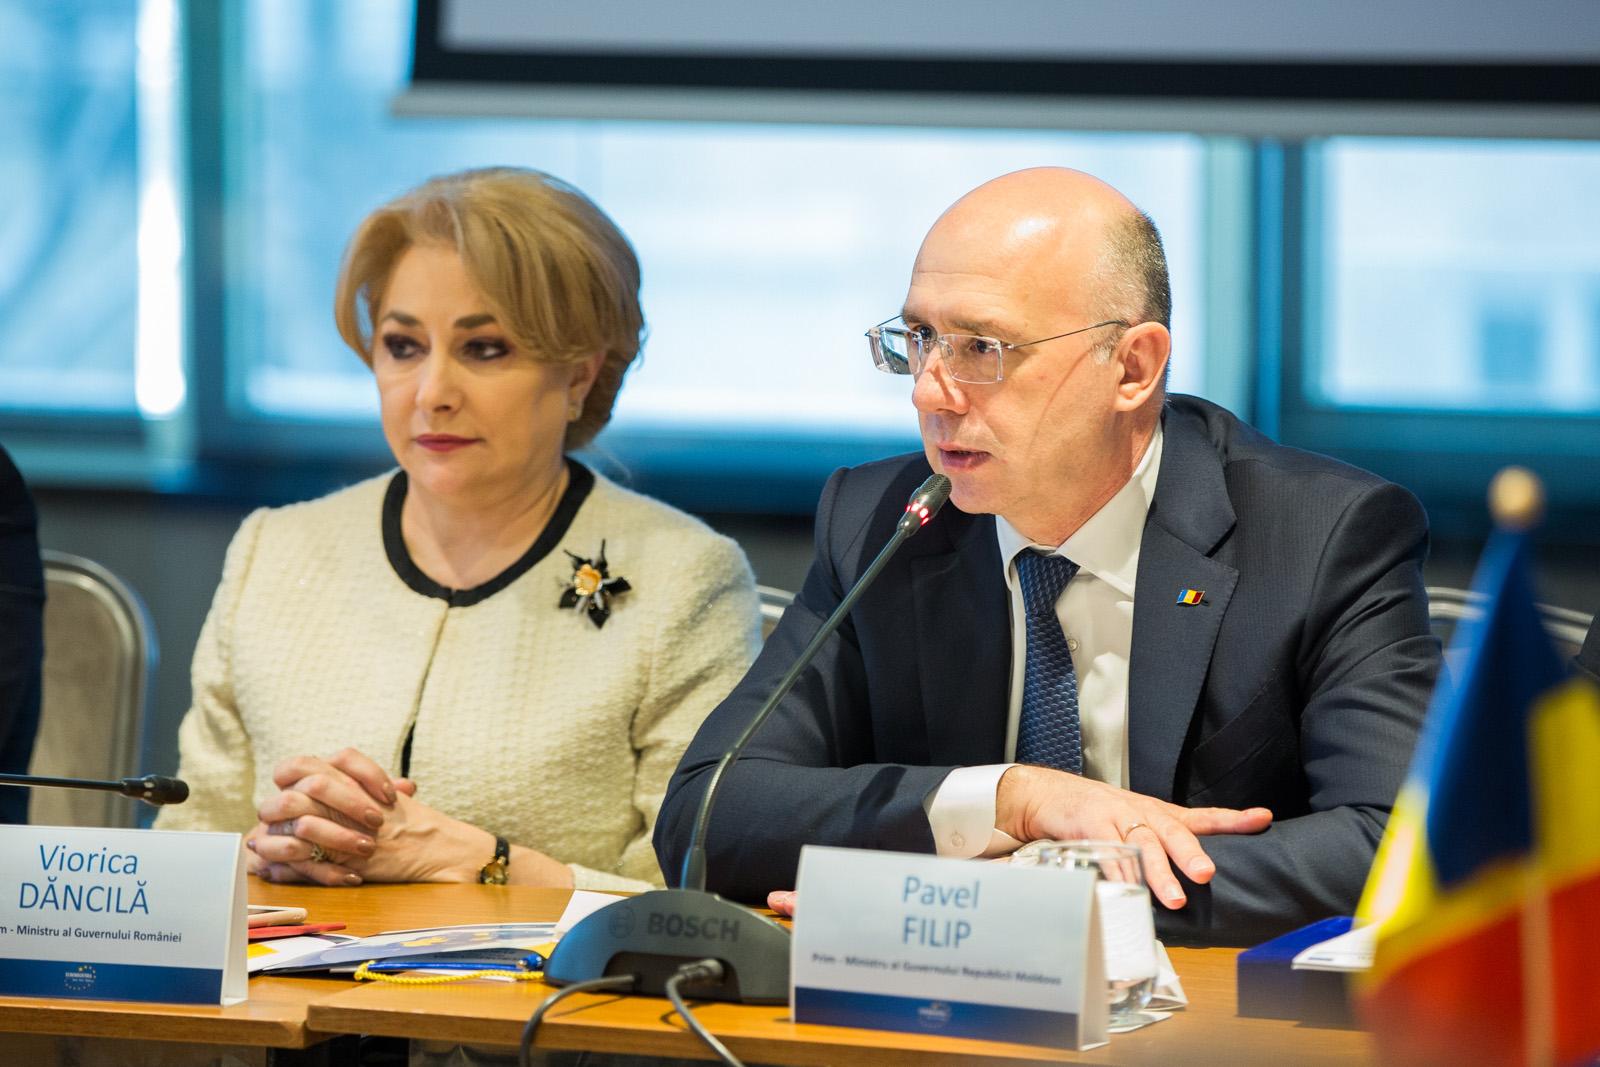 Pavel Filip cere implicarea Guvernului român în soluționarea aglomerației excesive la punctele de trecere a frontierei dintre Moldova și România